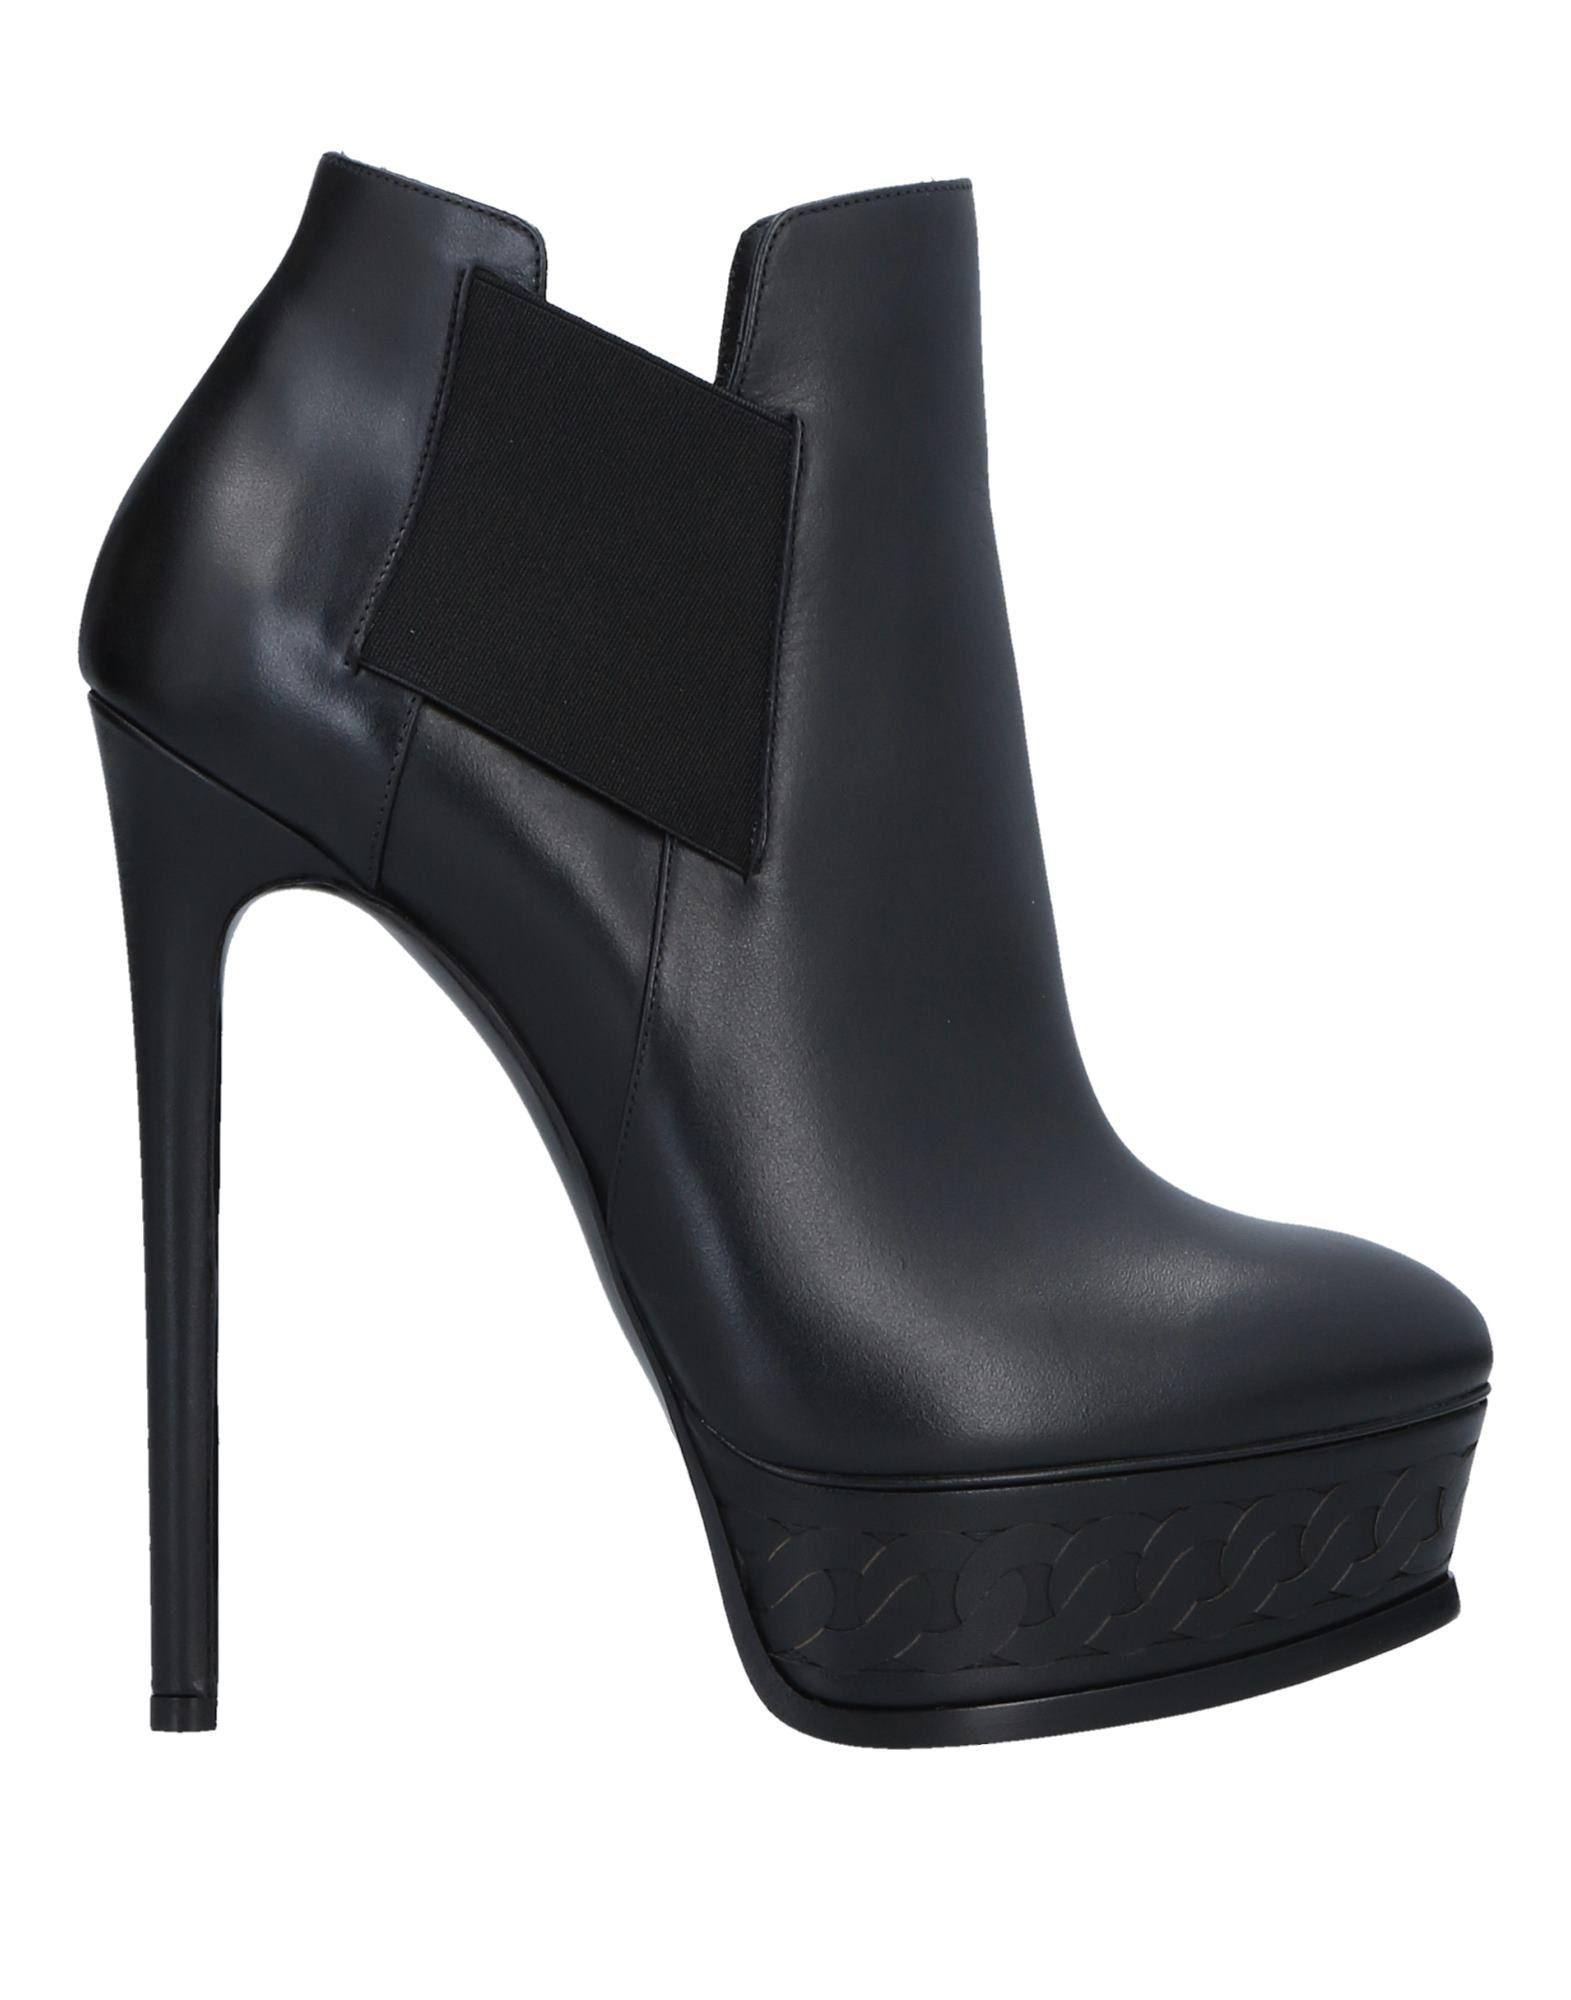 Casadei Stiefelette Damen  11544398OLGünstige gut aussehende Schuhe